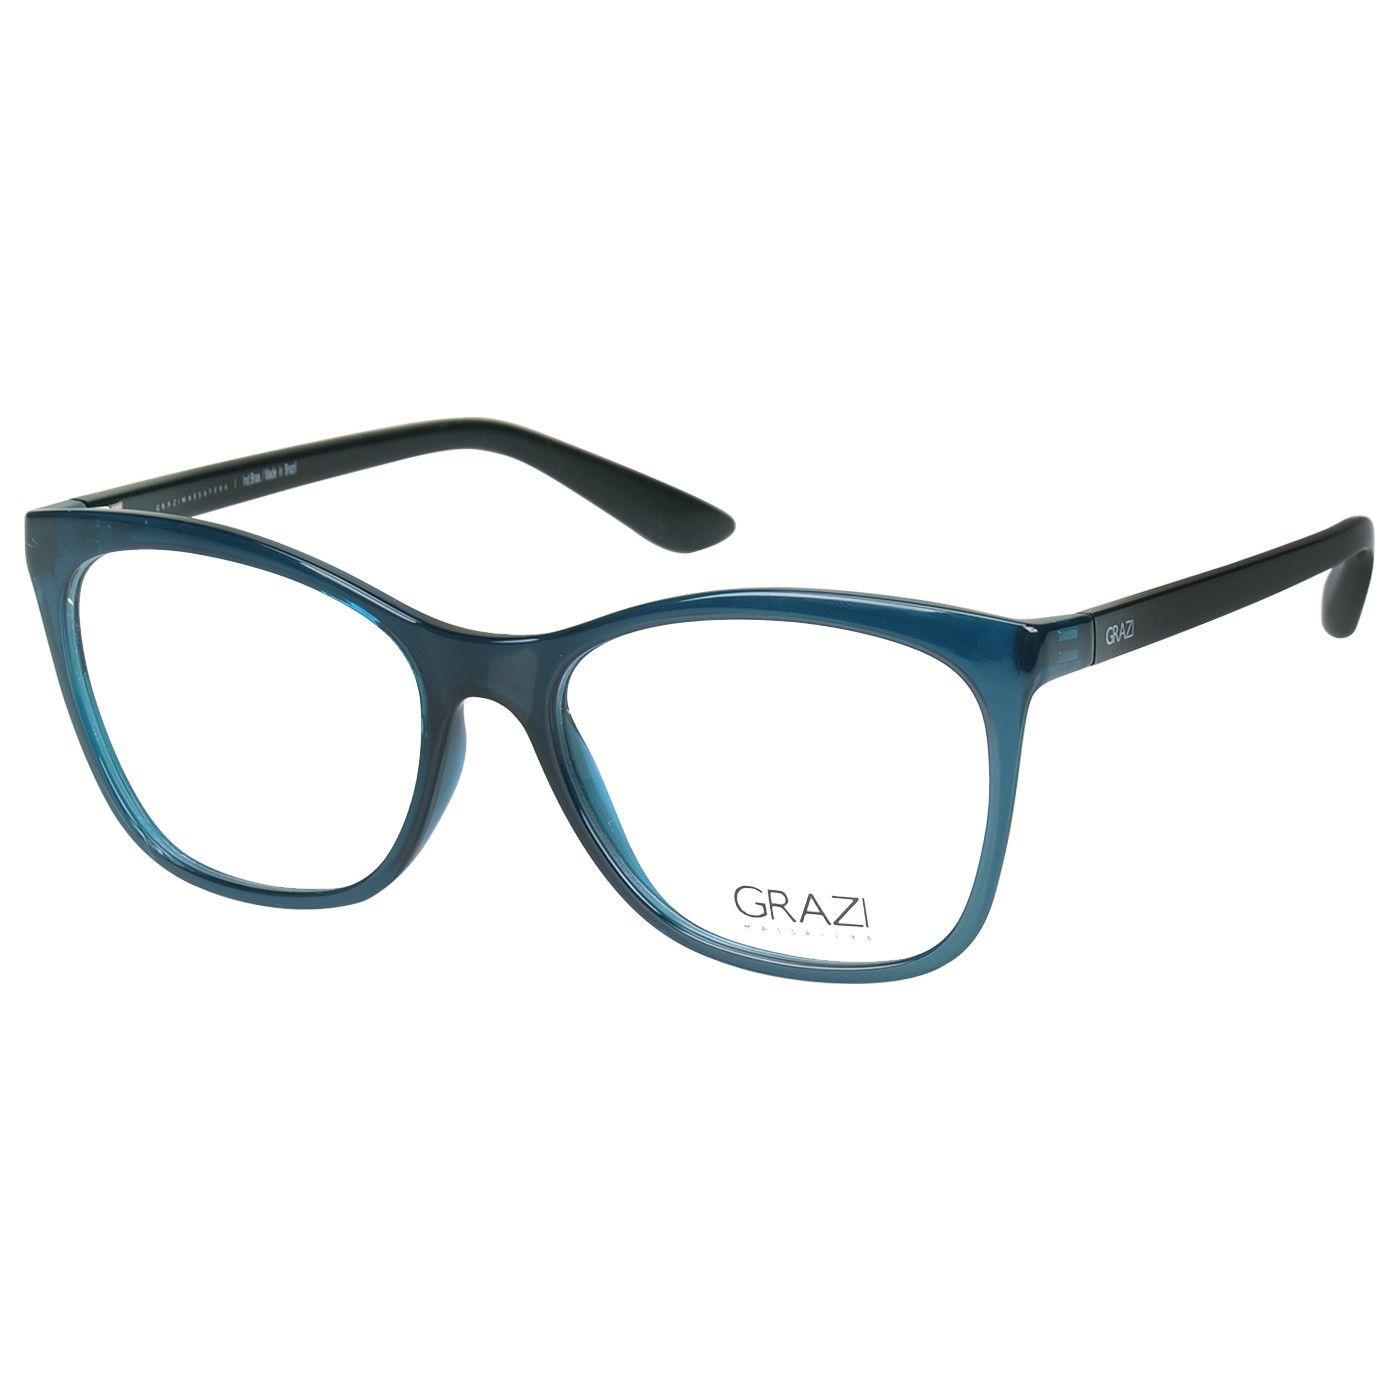 669b00f5a Armação óculos de grau feminino Grazi Massafera GZ3025 F337 - Omega ...